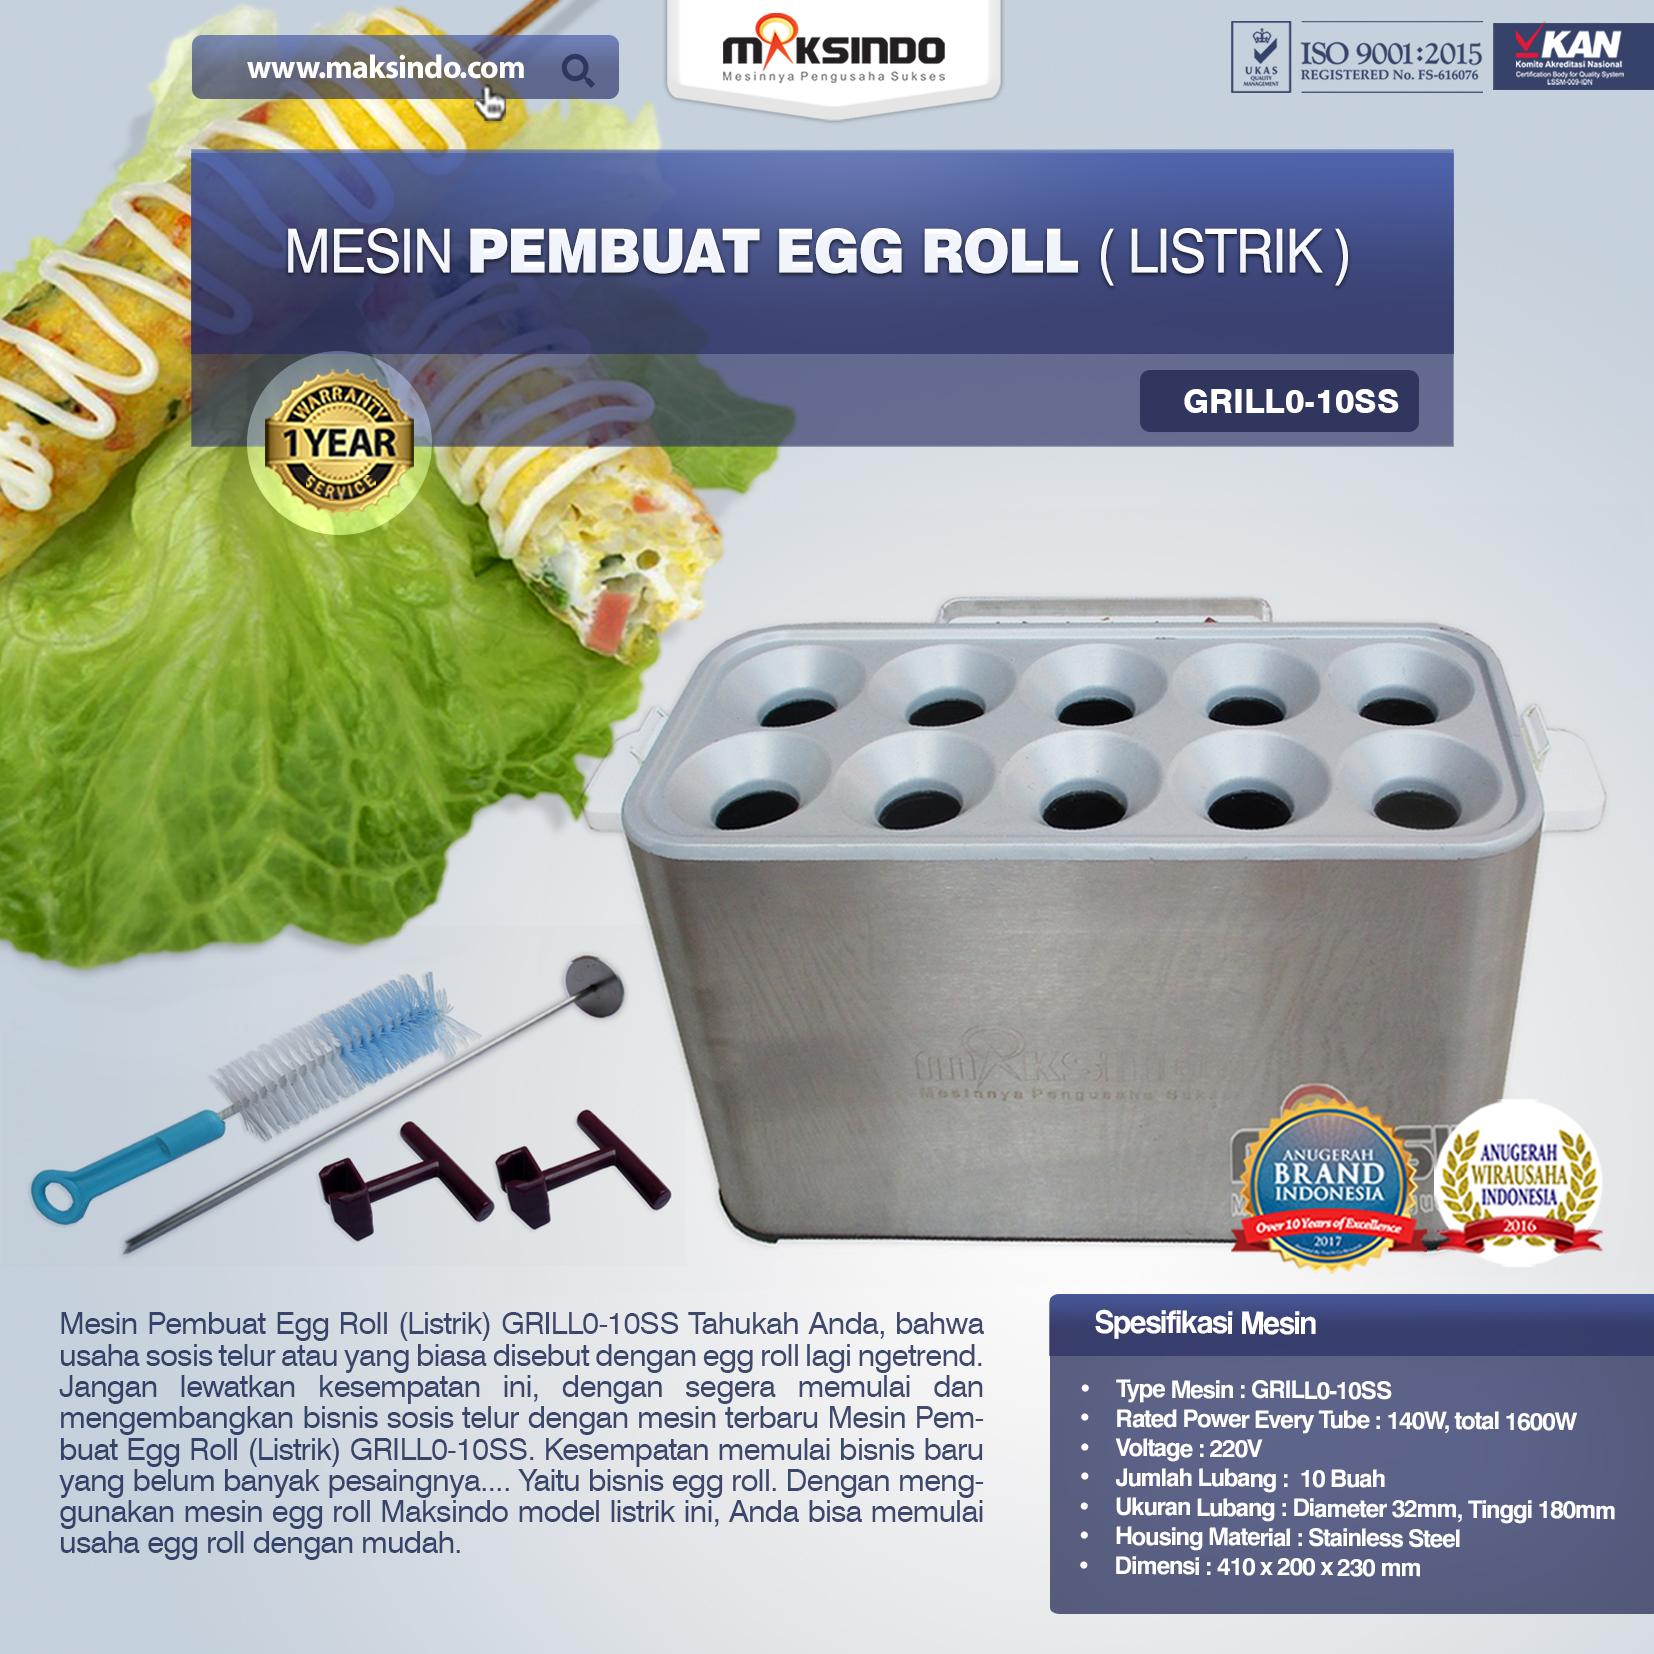 Jual Mesin Pembuat Egg Roll (Listrik) GRILLO-10SS di Bandung